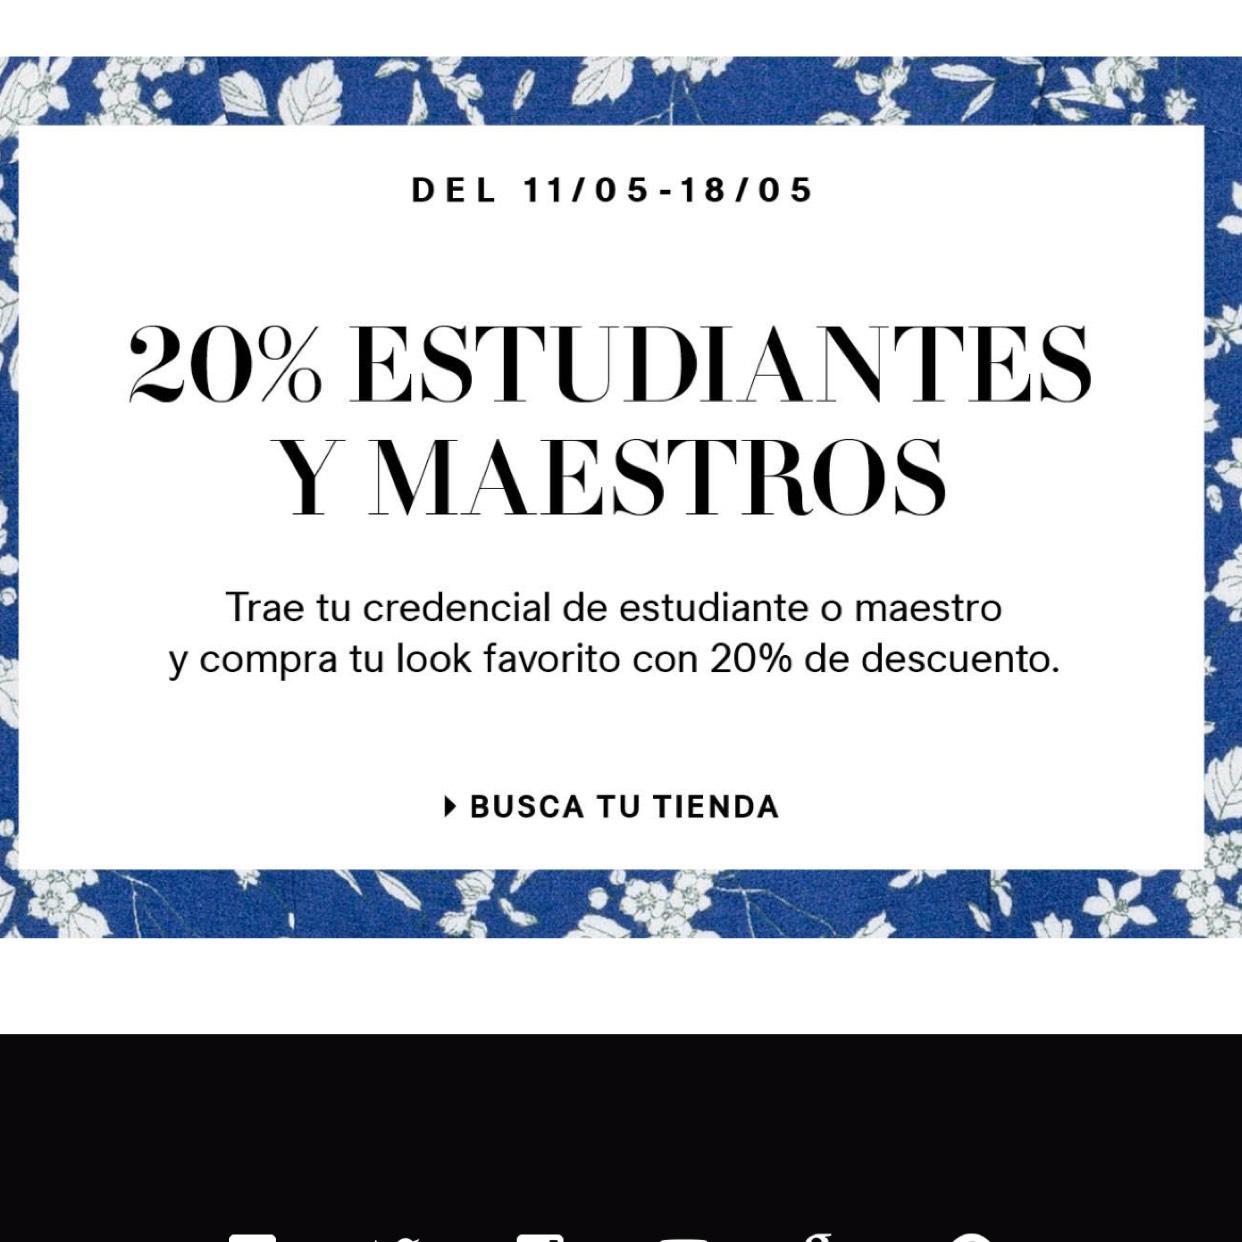 H&M: 20% de descuento estudiantes y maestros presentando credencial en tienda